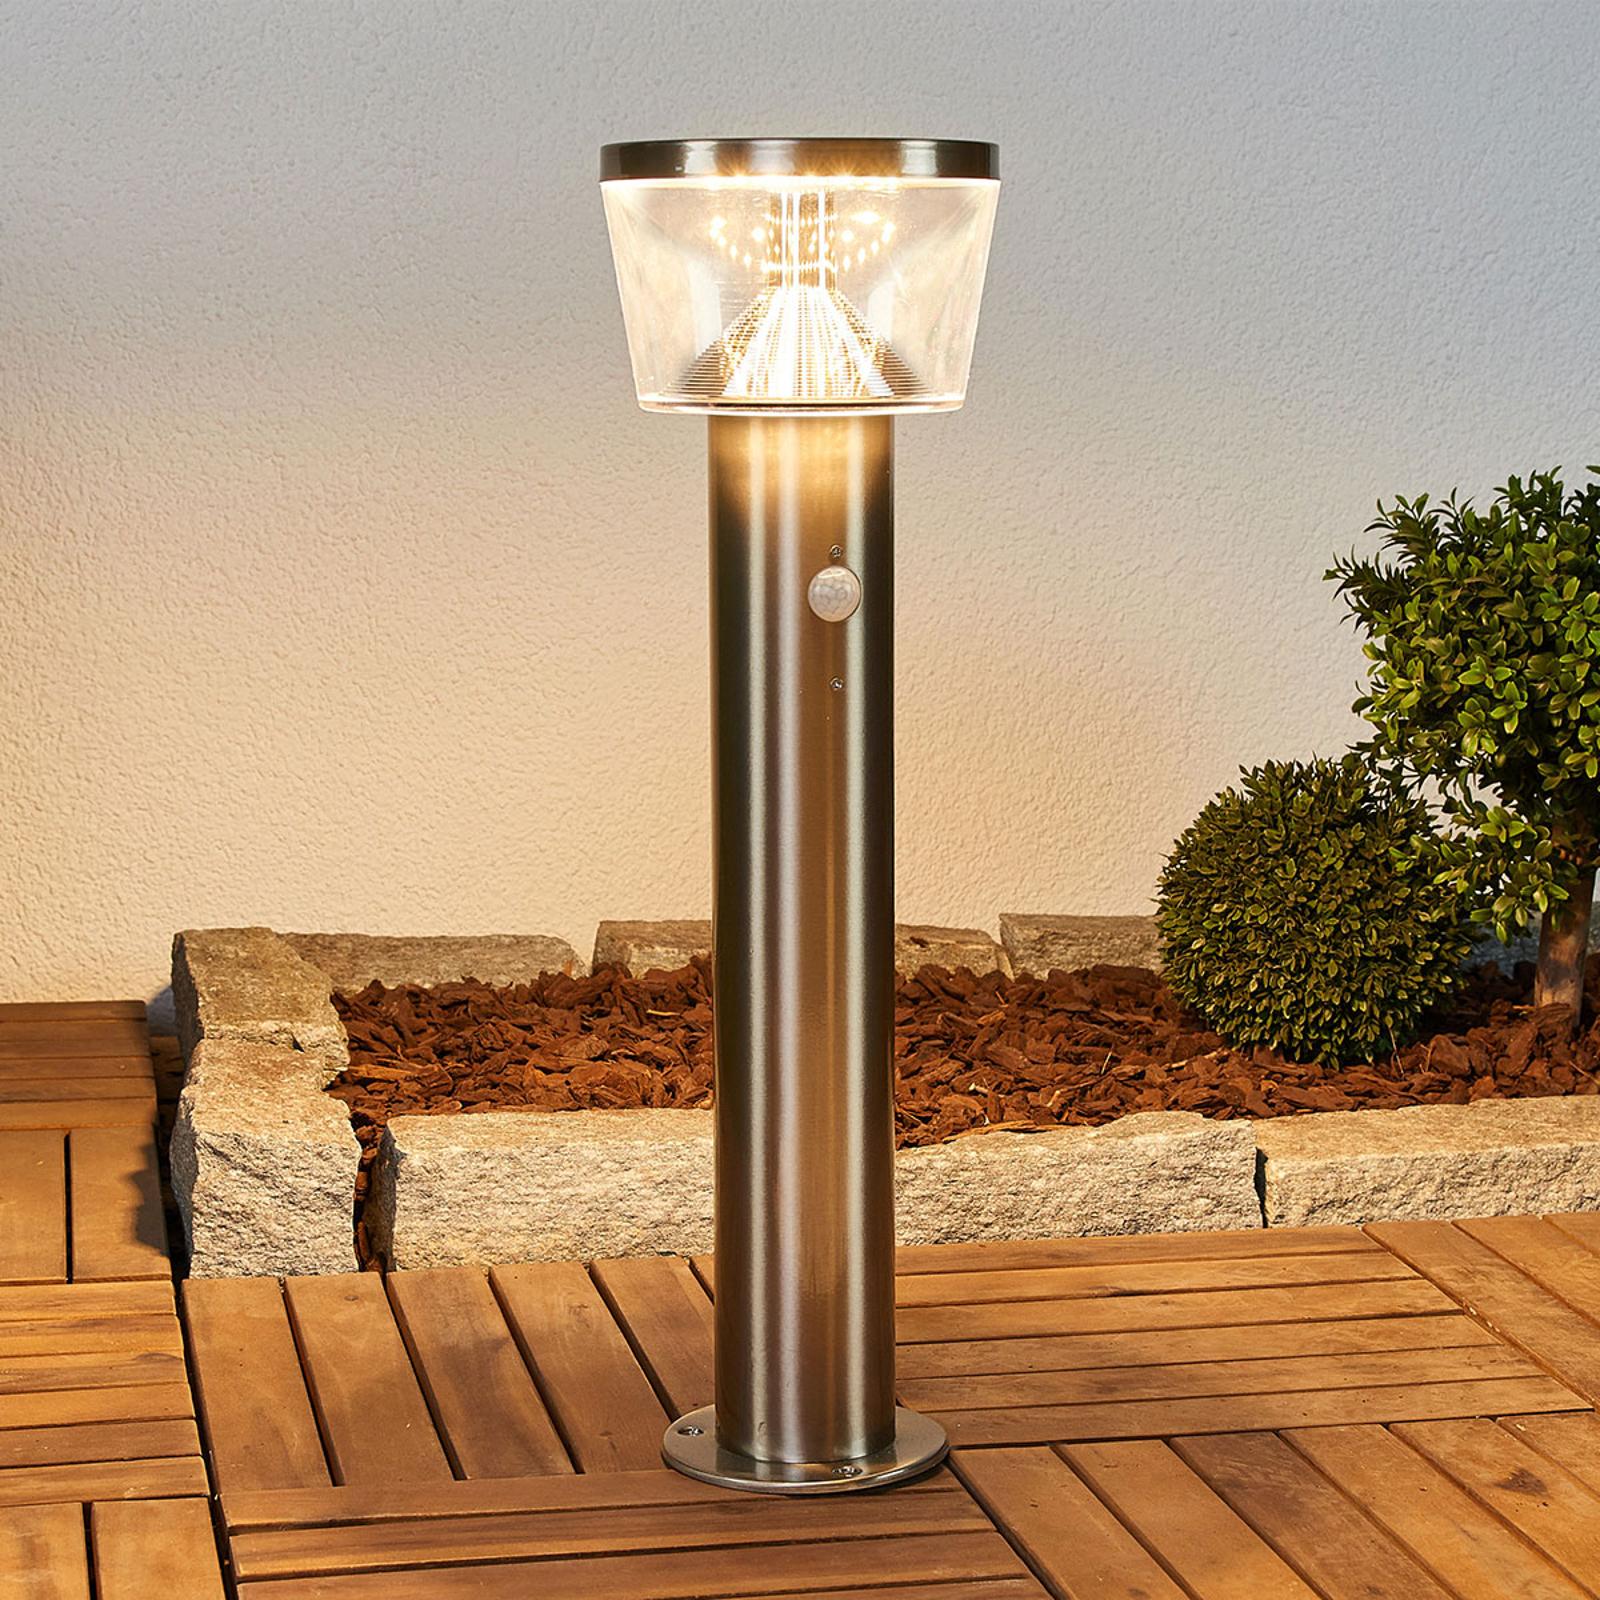 LED-sokkellampe solcelle Antje, bevegelsessensor